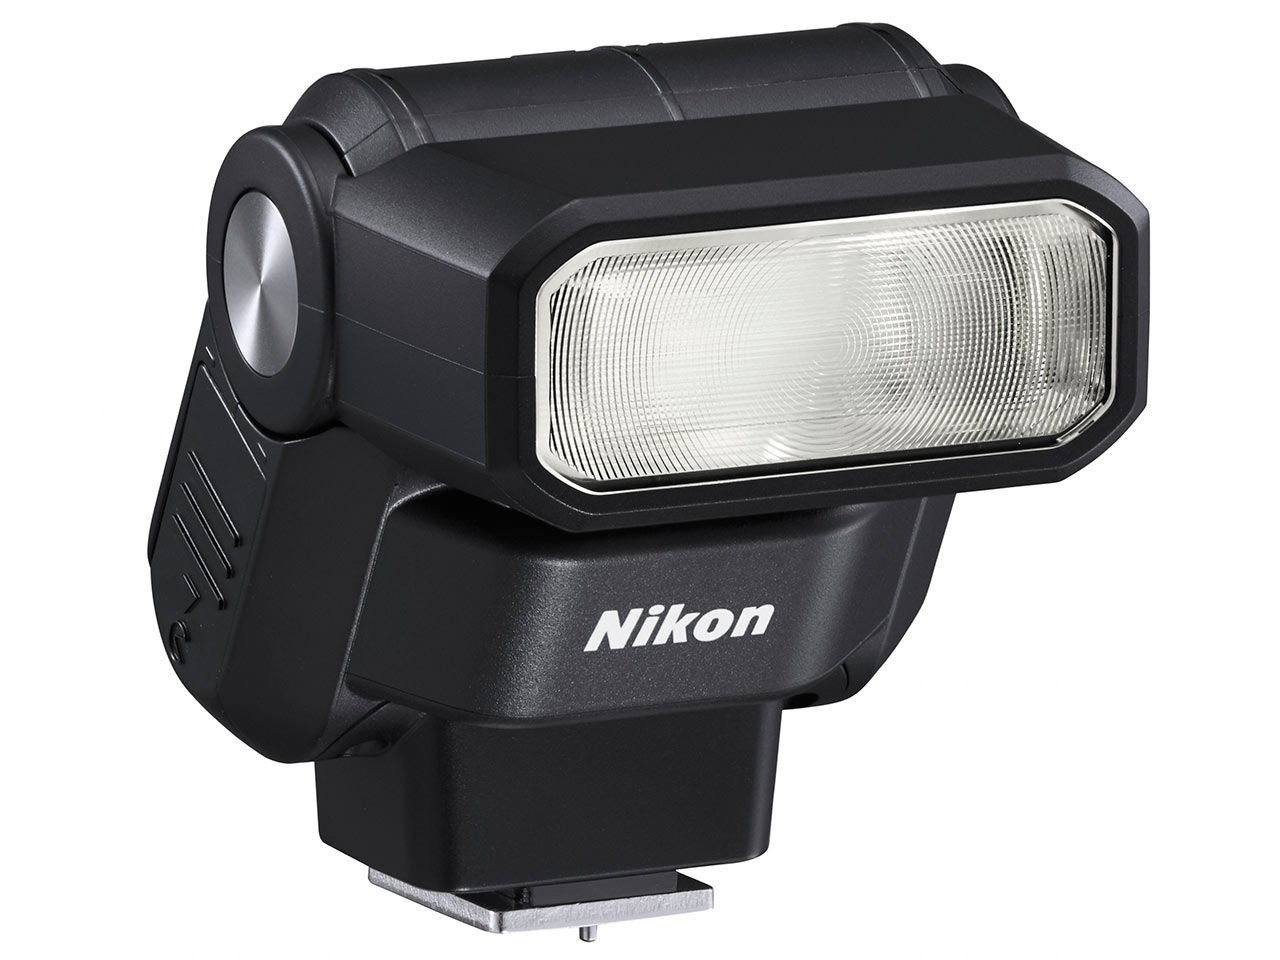 Nikon lanserar ny blixt